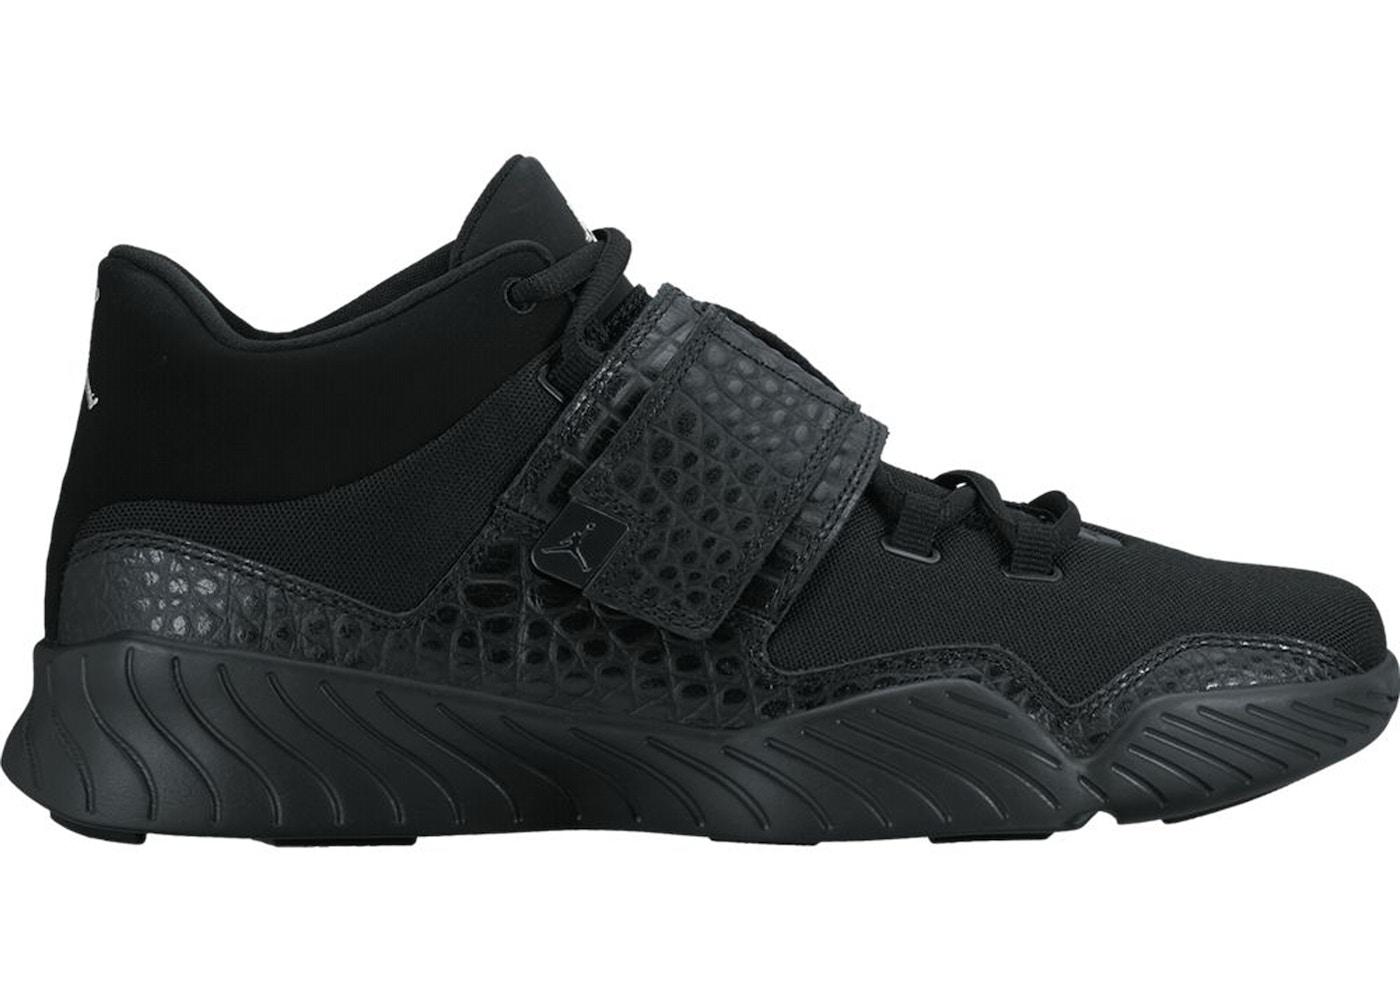 04e4e473a2b Jordan J23 Triple Black - 854557-001